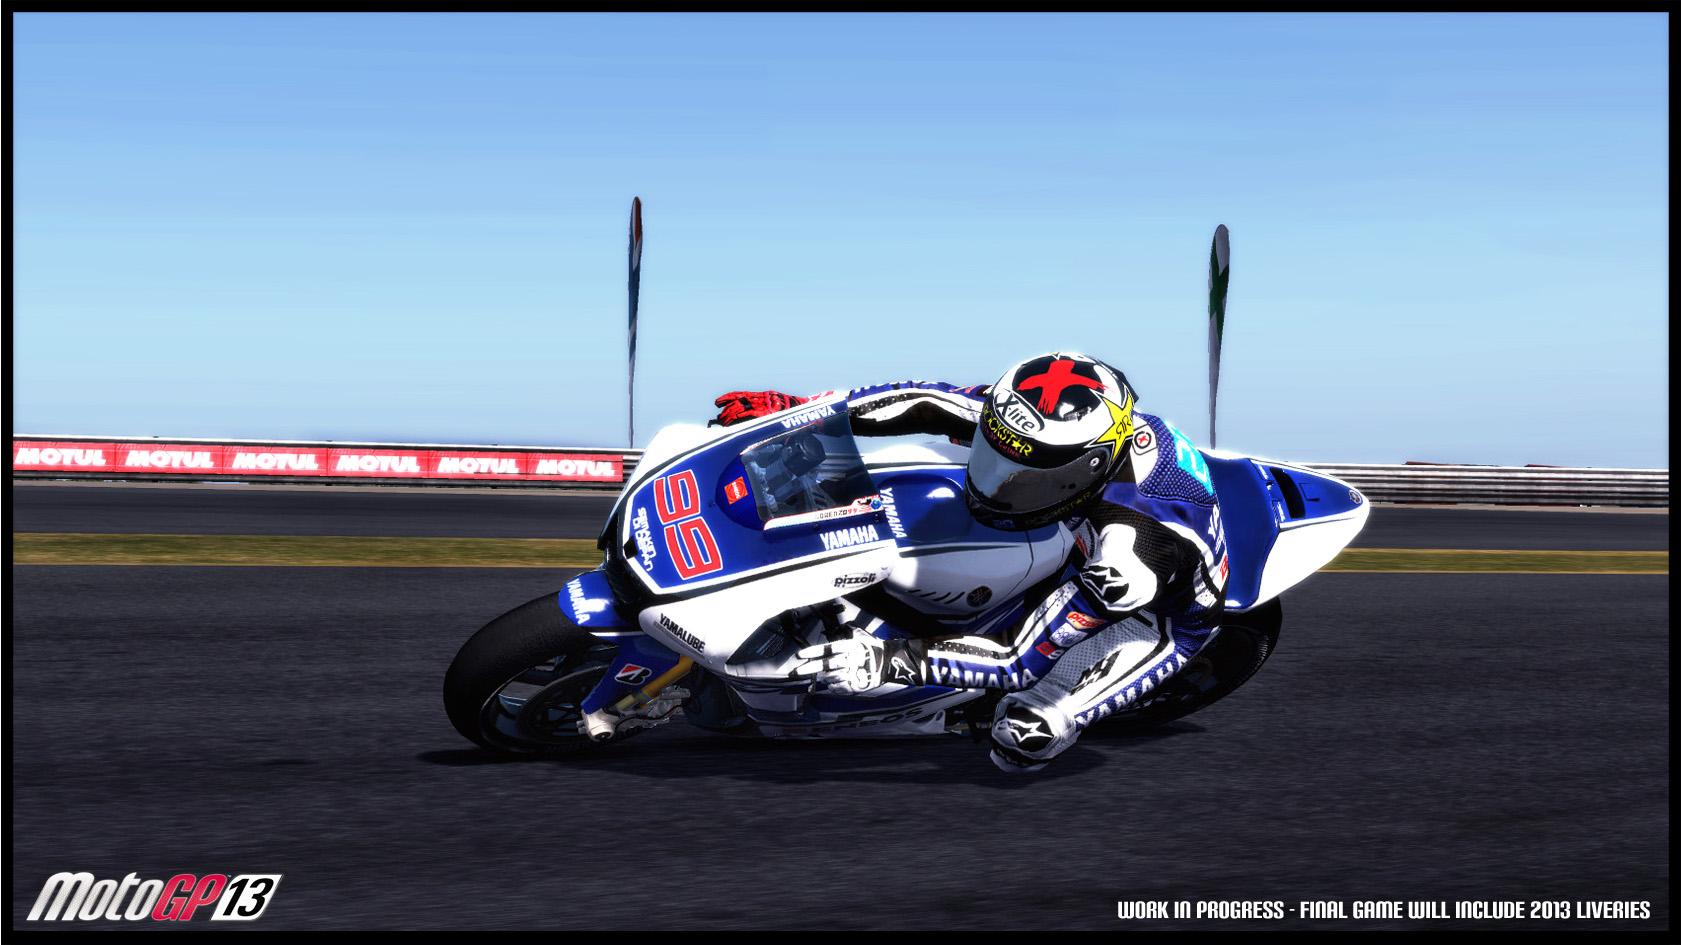 MotoGP 2013 second gameplay trailer